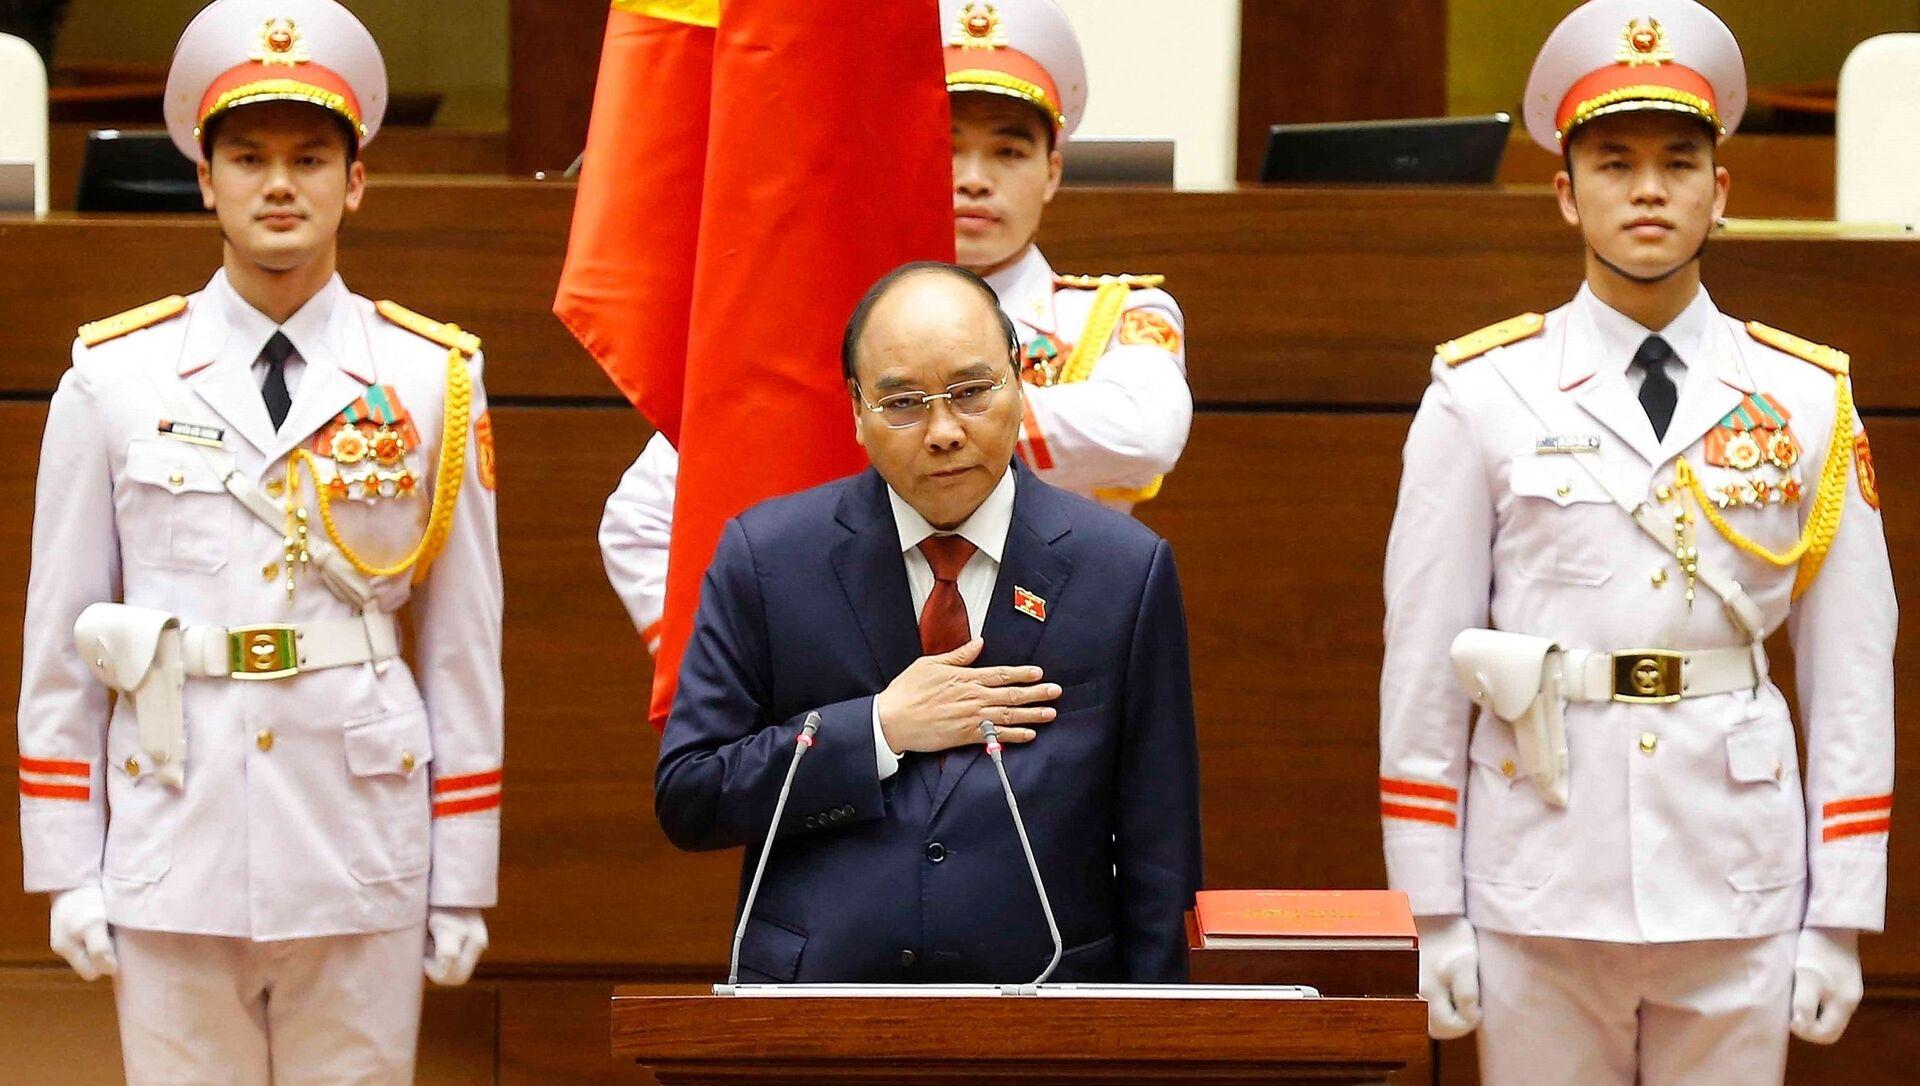 Chủ tịch nước Nguyễn Xuân Phúc tuyên thệ nhậm chức.  - Sputnik Việt Nam, 1920, 05.04.2021